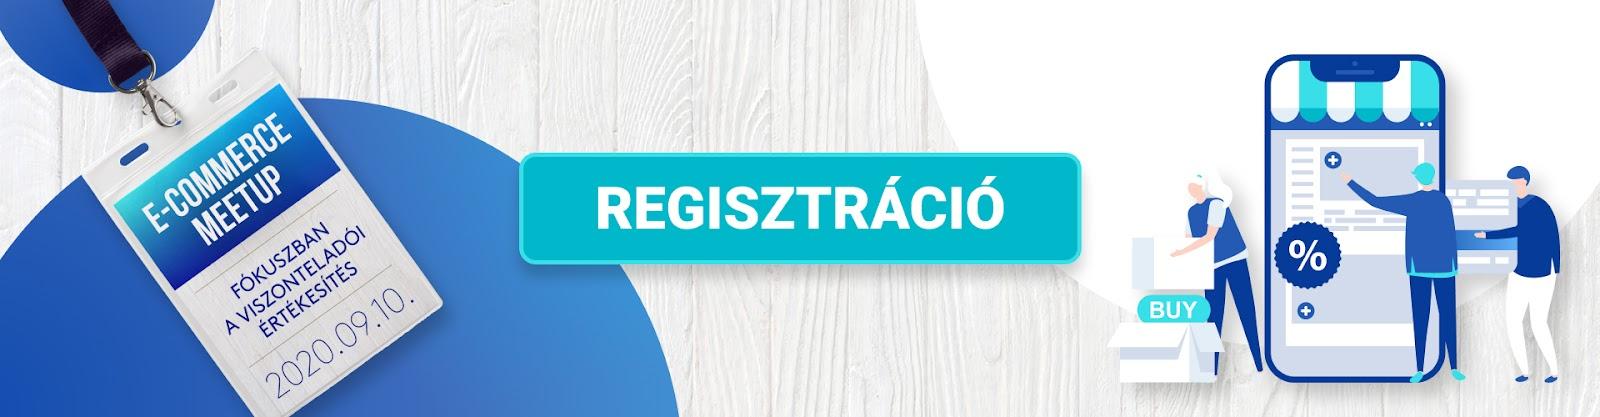 Az e-commerce növekedés lehetőségei, kihívásai – Meetup regisztráció